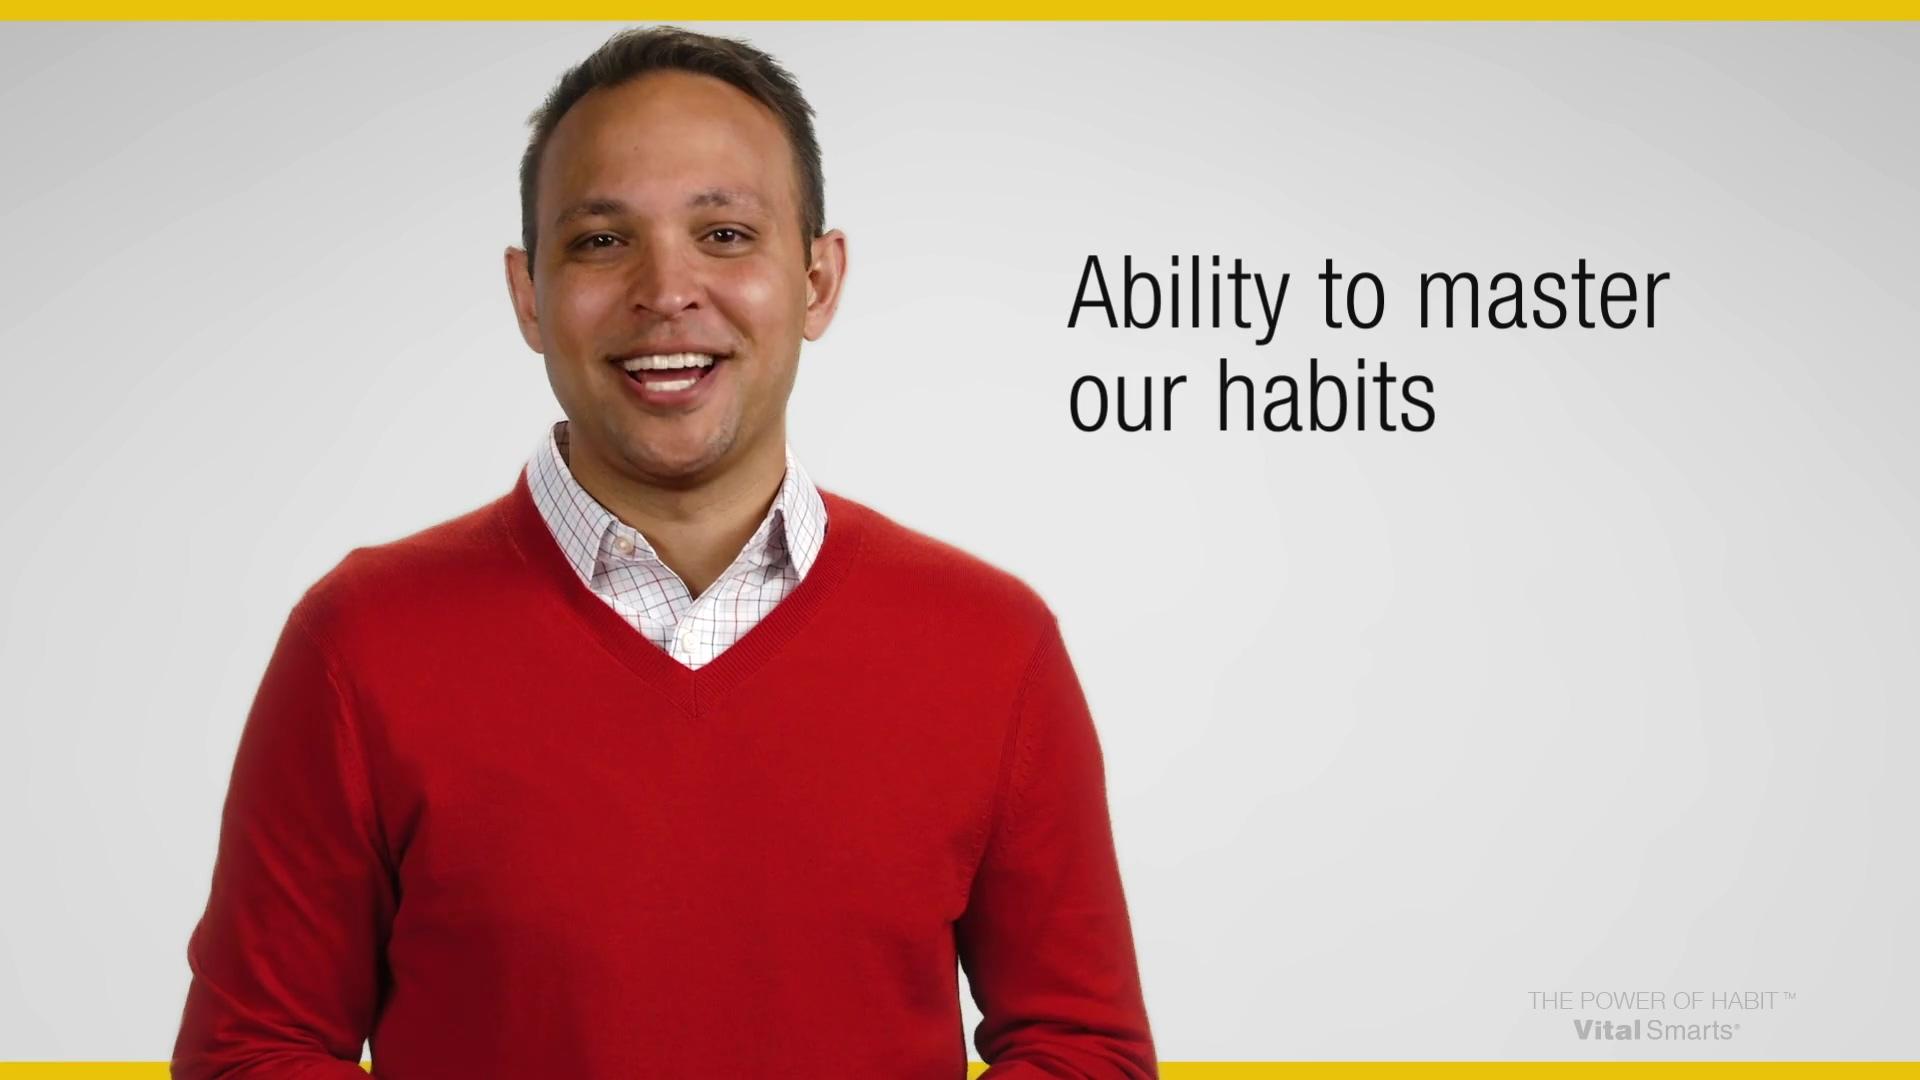 The Power of Habit Online Demo